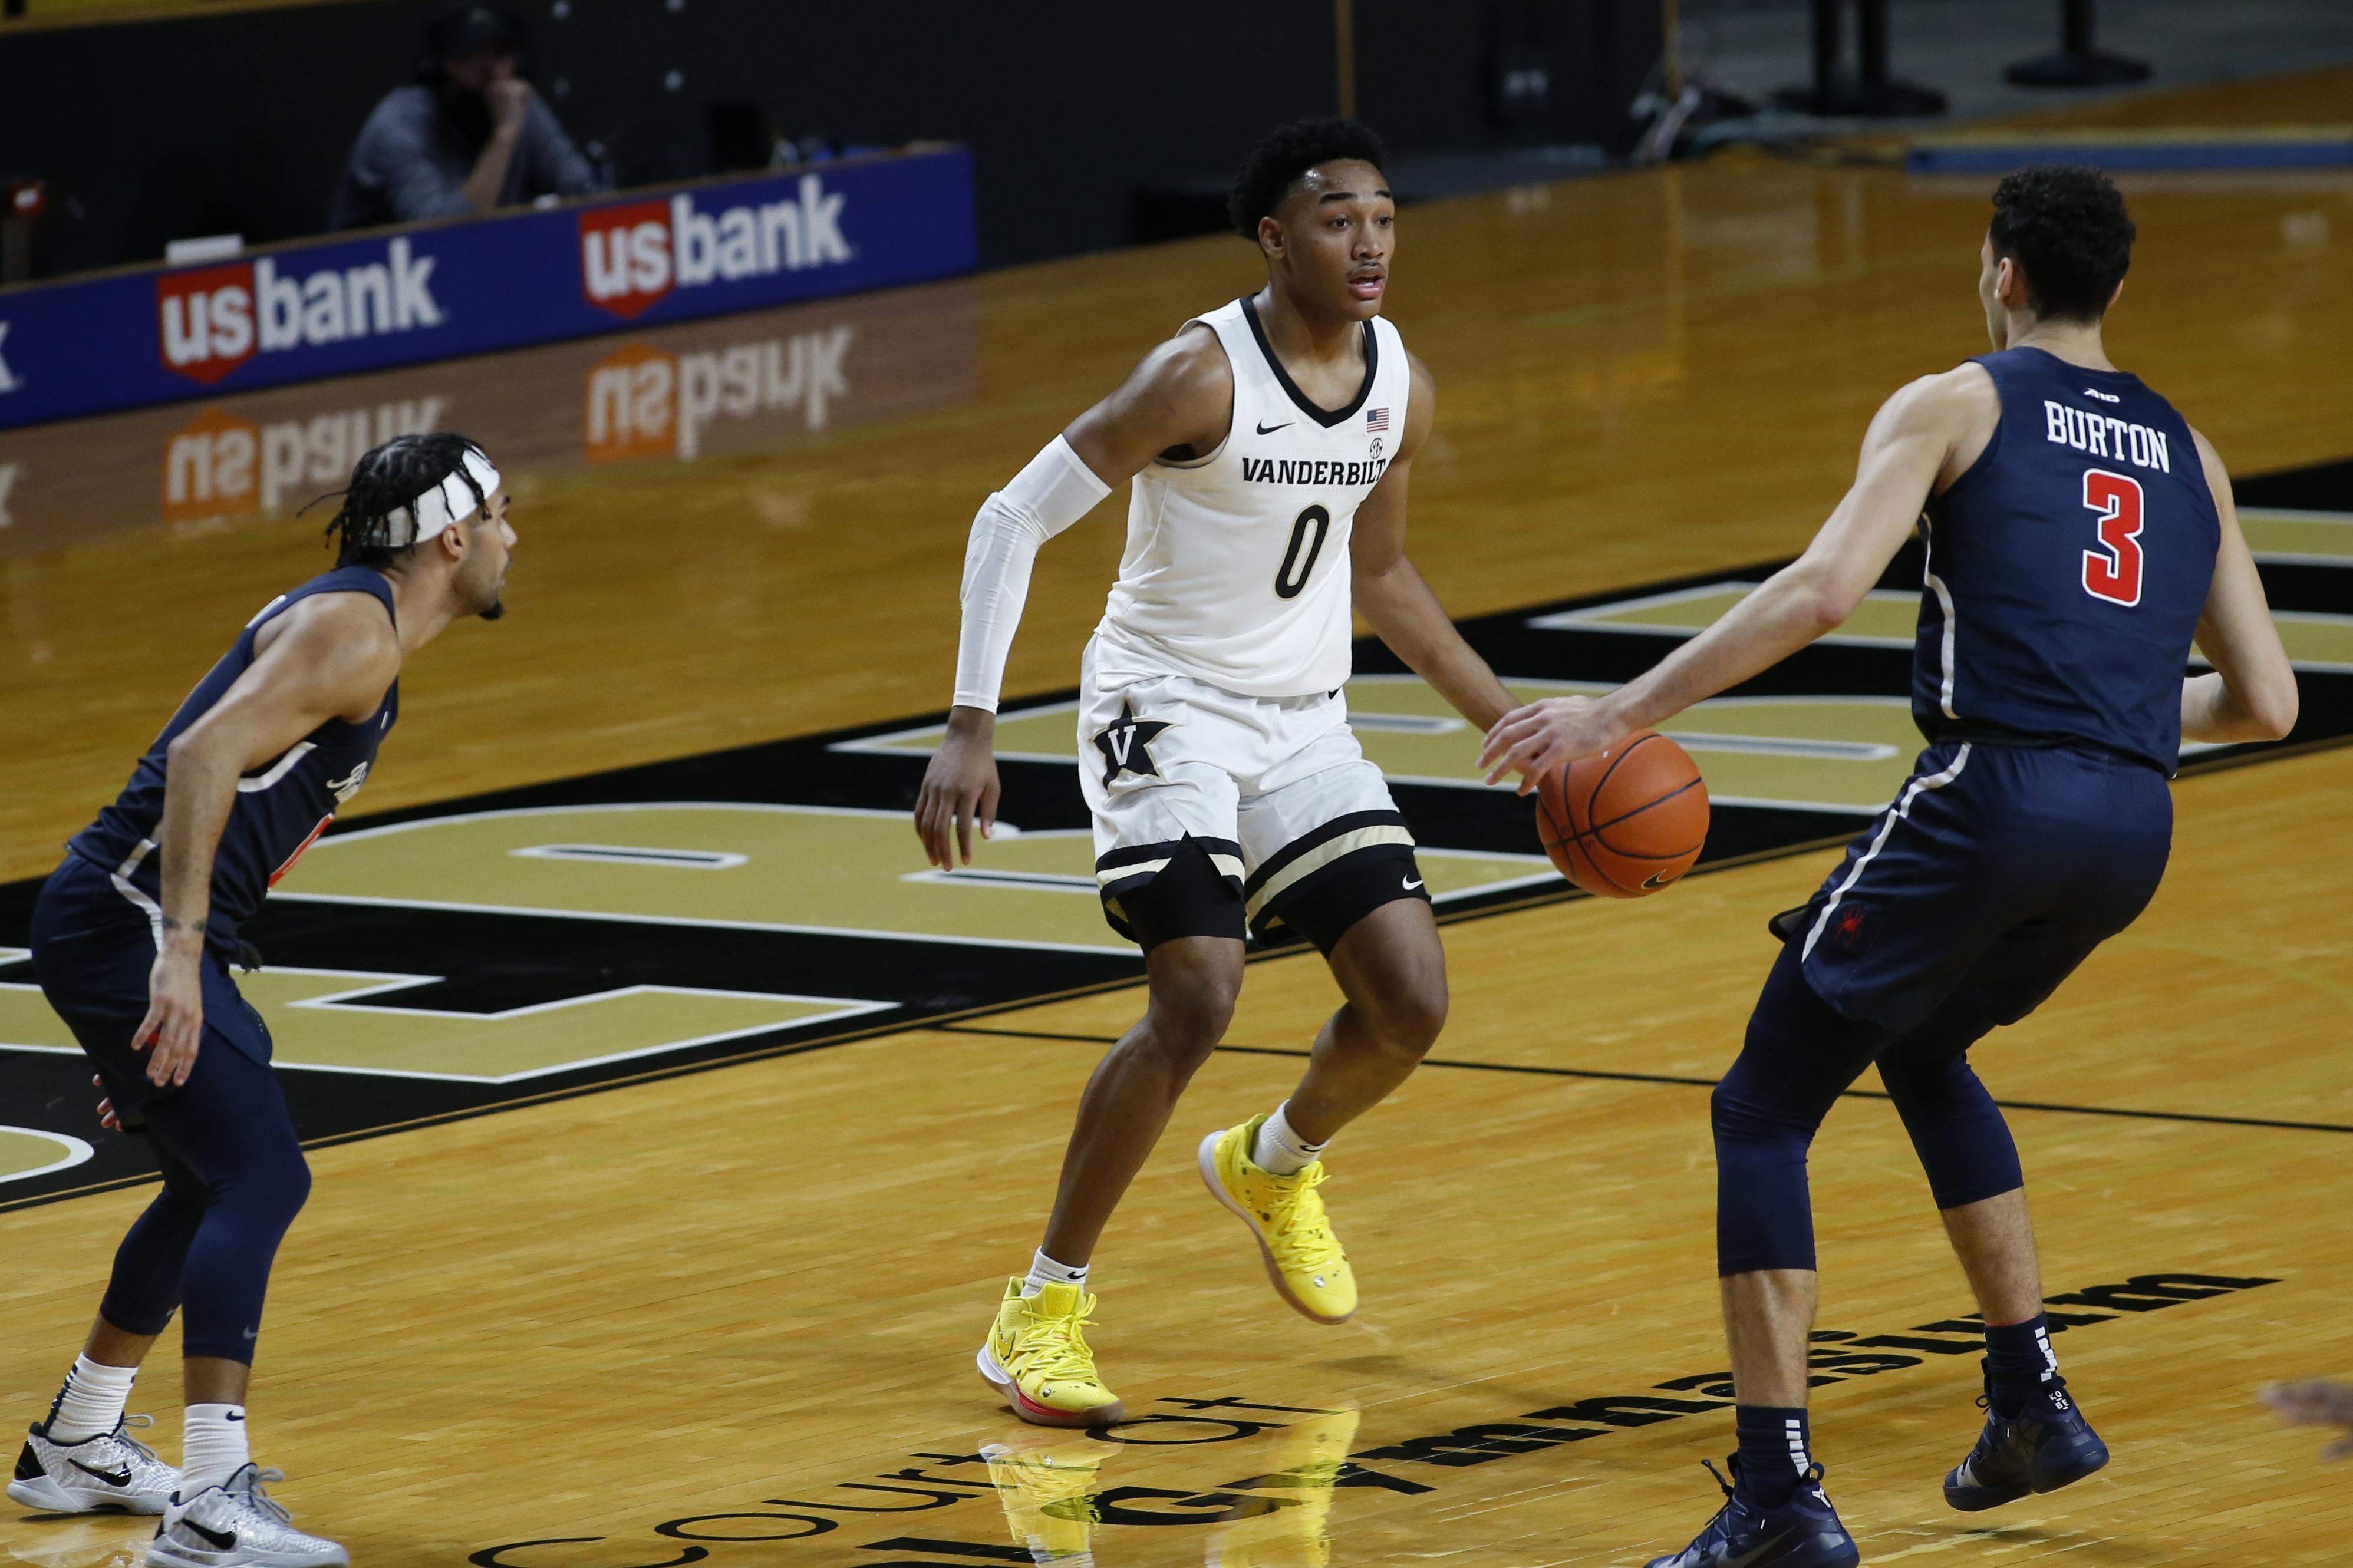 COLLEGE BASKETBALL: DEC 16 Richmond at Vanderbilt